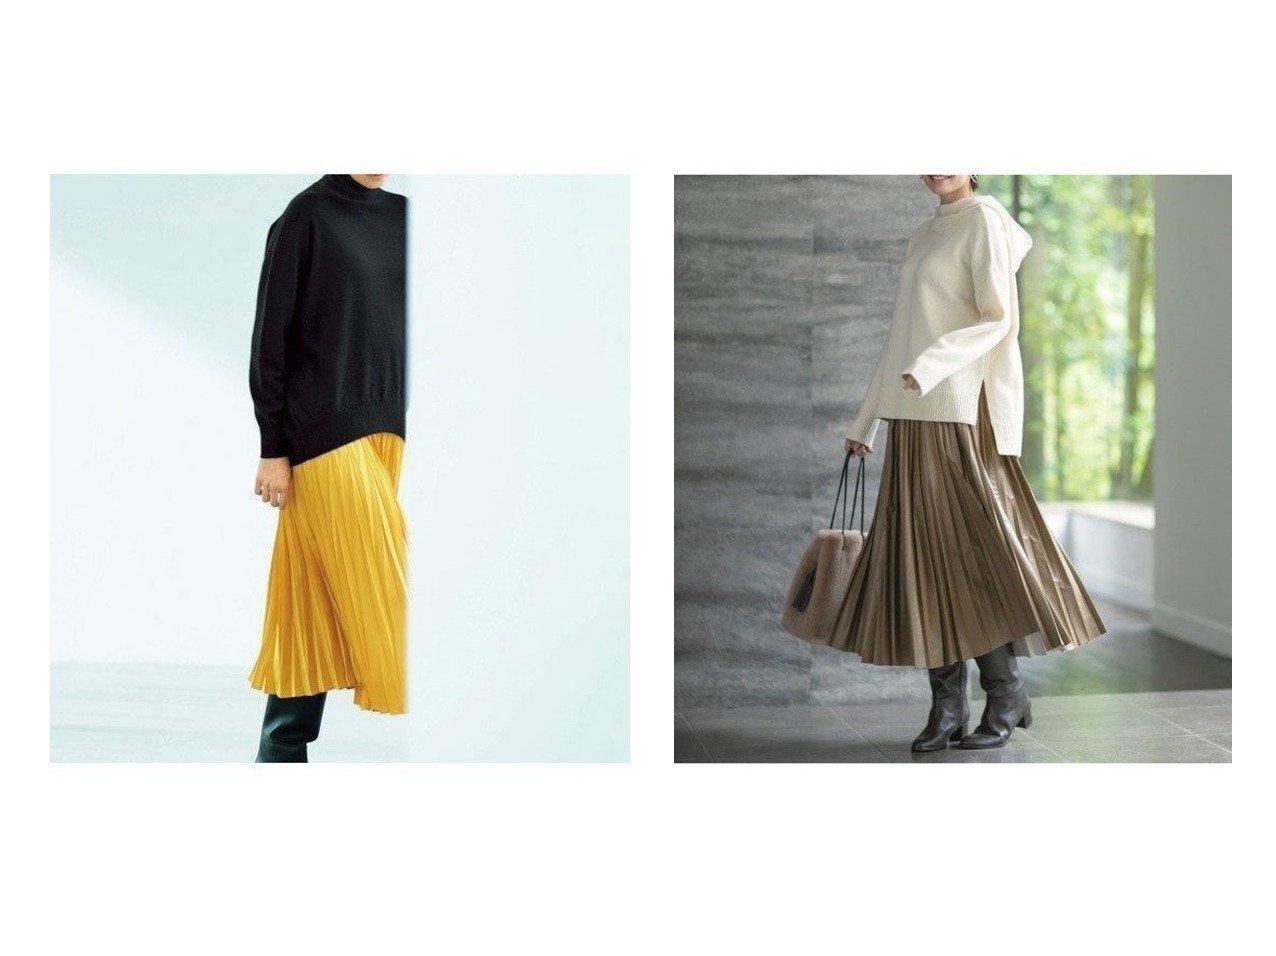 【JIYU-KU/自由区】のエコレザー プリーツ ロング スカート&【NIJYUSANKU/23区】の【R(アール)】TWILL SATIN プリーツ スカート スカートのおすすめ!人気、トレンド・レディースファッションの通販  おすすめで人気の流行・トレンド、ファッションの通販商品 メンズファッション・キッズファッション・インテリア・家具・レディースファッション・服の通販 founy(ファニー) https://founy.com/ ファッション Fashion レディースファッション WOMEN スカート Skirt プリーツスカート Pleated Skirts エレガント サテン シルク スペシャル ドレープ 人気 バランス プリーツ A/W 秋冬 AW Autumn/Winter / FW Fall-Winter 2020年 2020 2020-2021 秋冬 A/W AW Autumn/Winter / FW Fall-Winter 2020-2021 送料無料 Free Shipping |ID:crp329100000009752